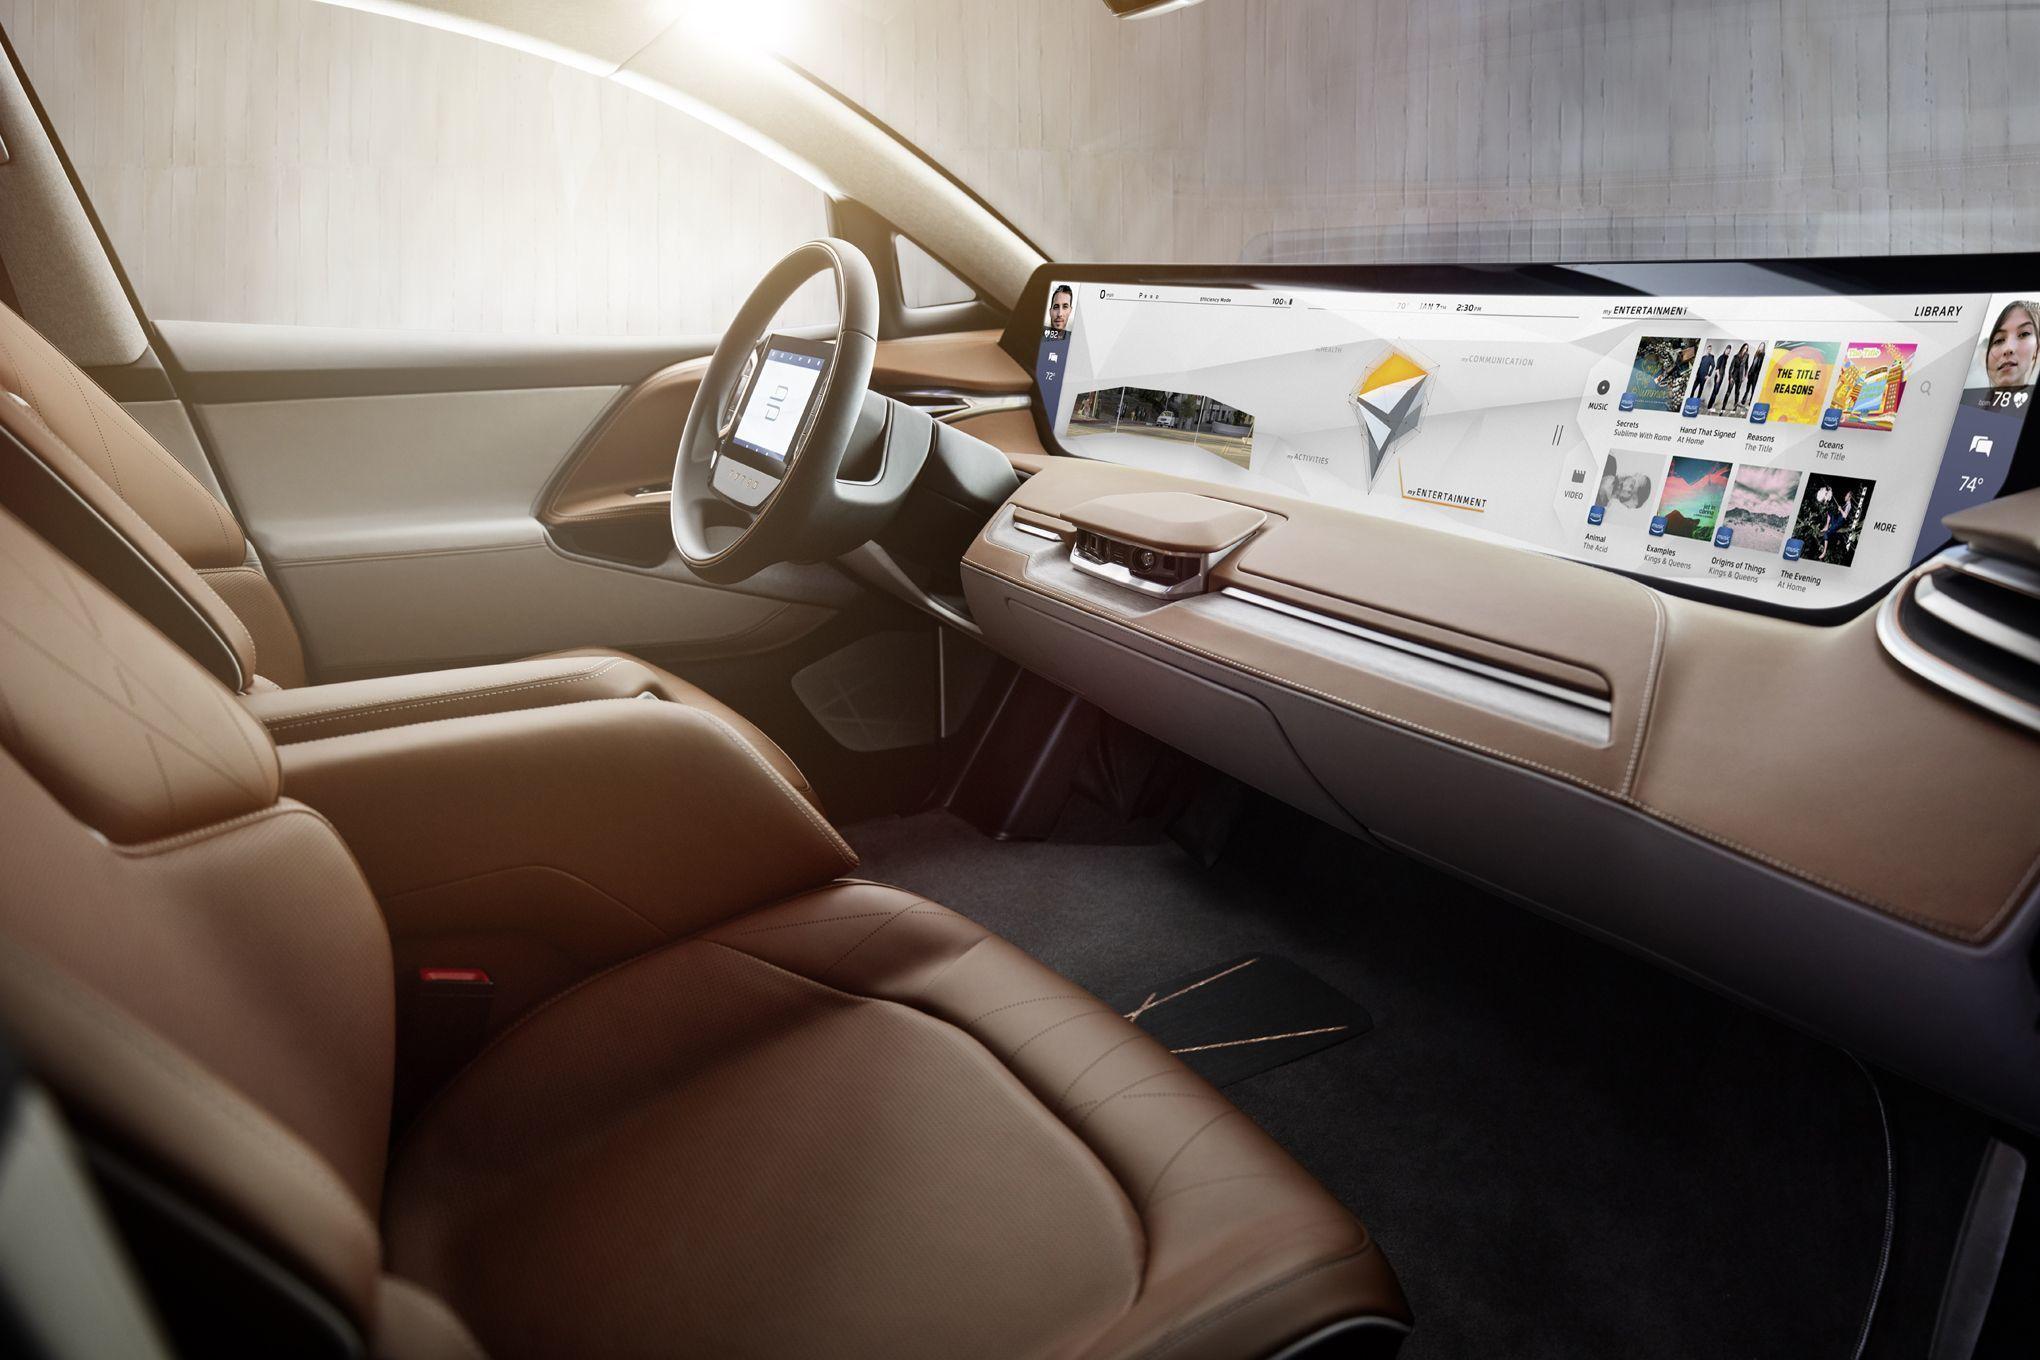 Slik ser skissene av interiøret til Byton-konseptbilen ut. Legg merke til den gigantiske skjermen på tvers av dashbordet. Bilde: Byton